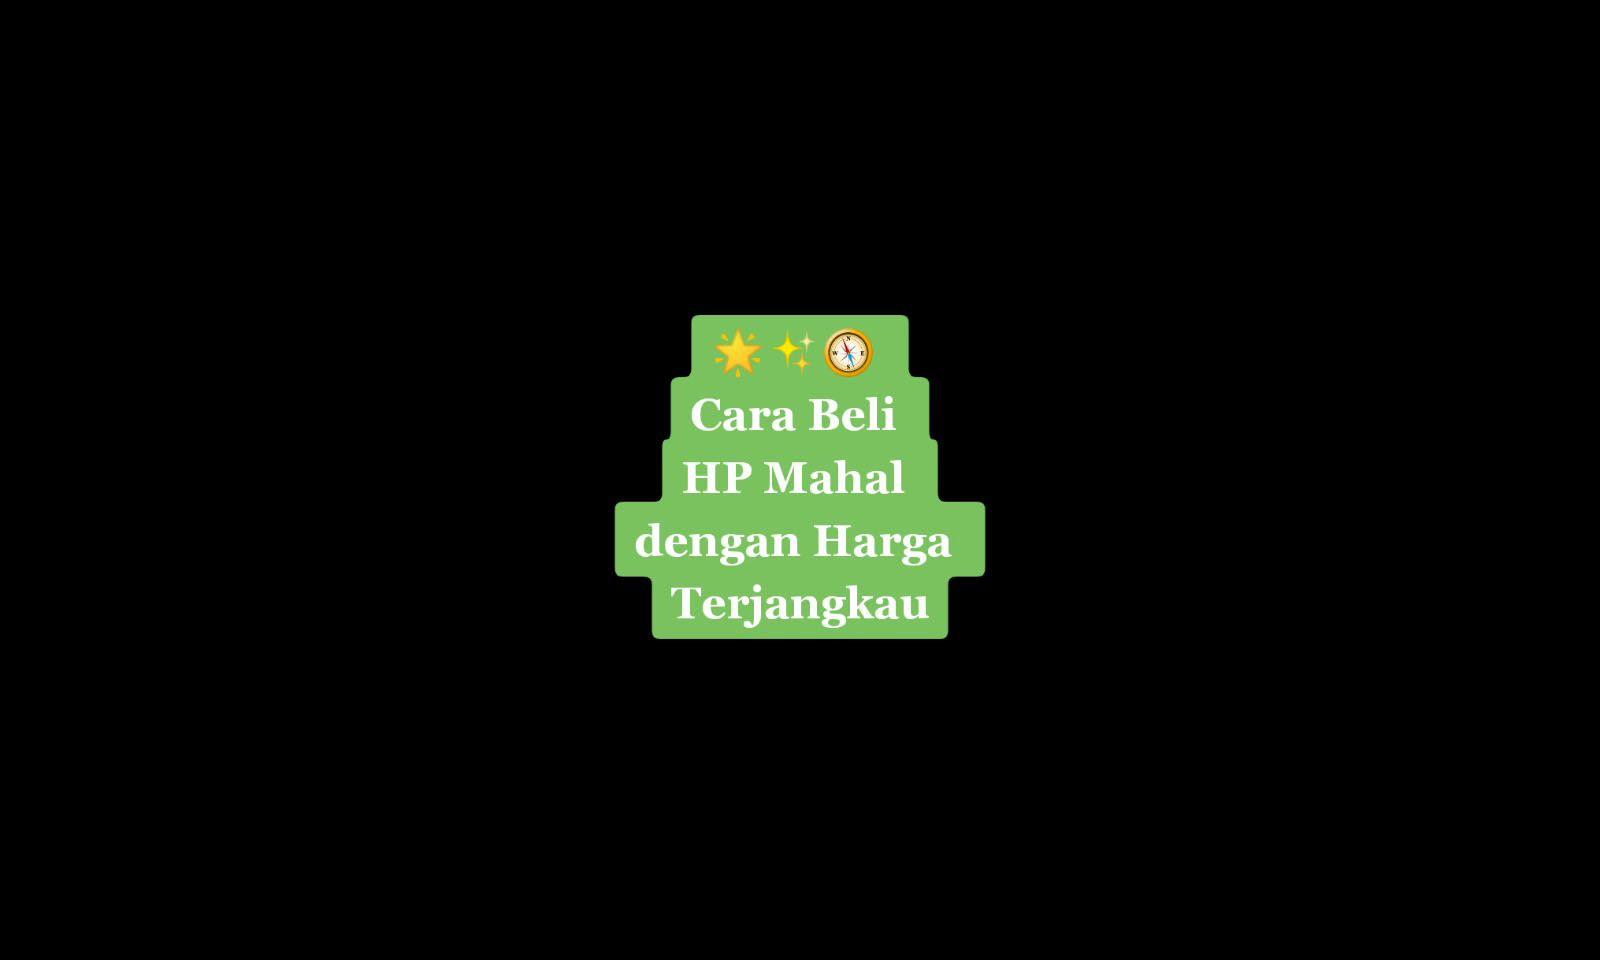 Cara Beli HP Mahal dengan Harga Terjangkau @ehbagas